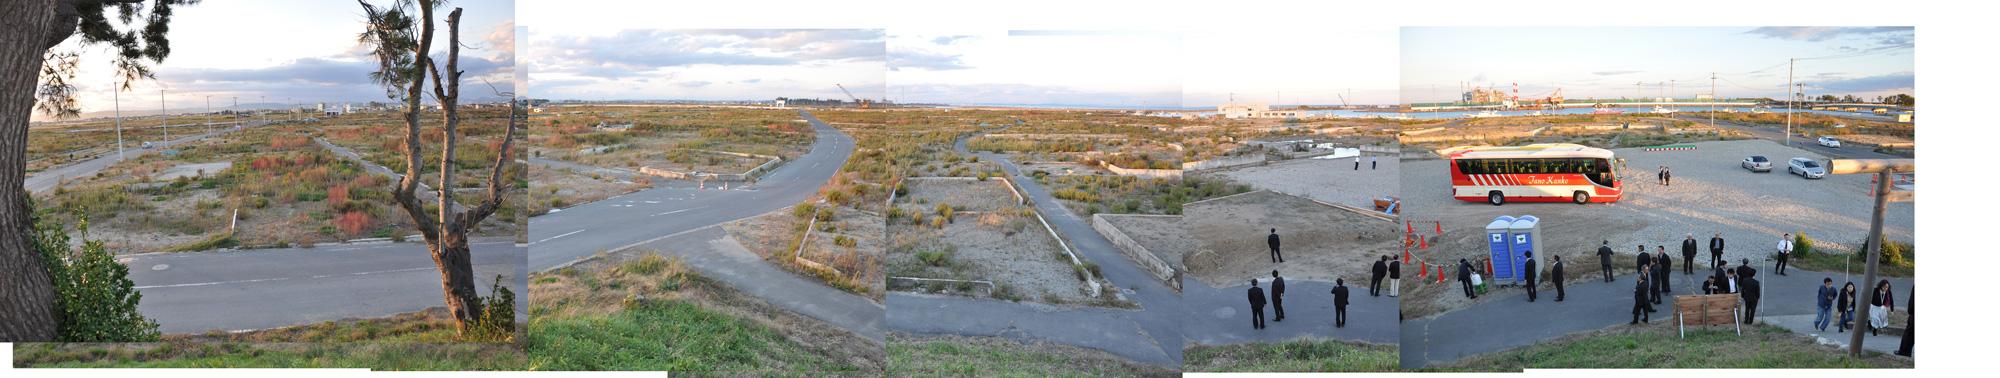 閖上日和山定点観測(西北西-東南東)2012年10月